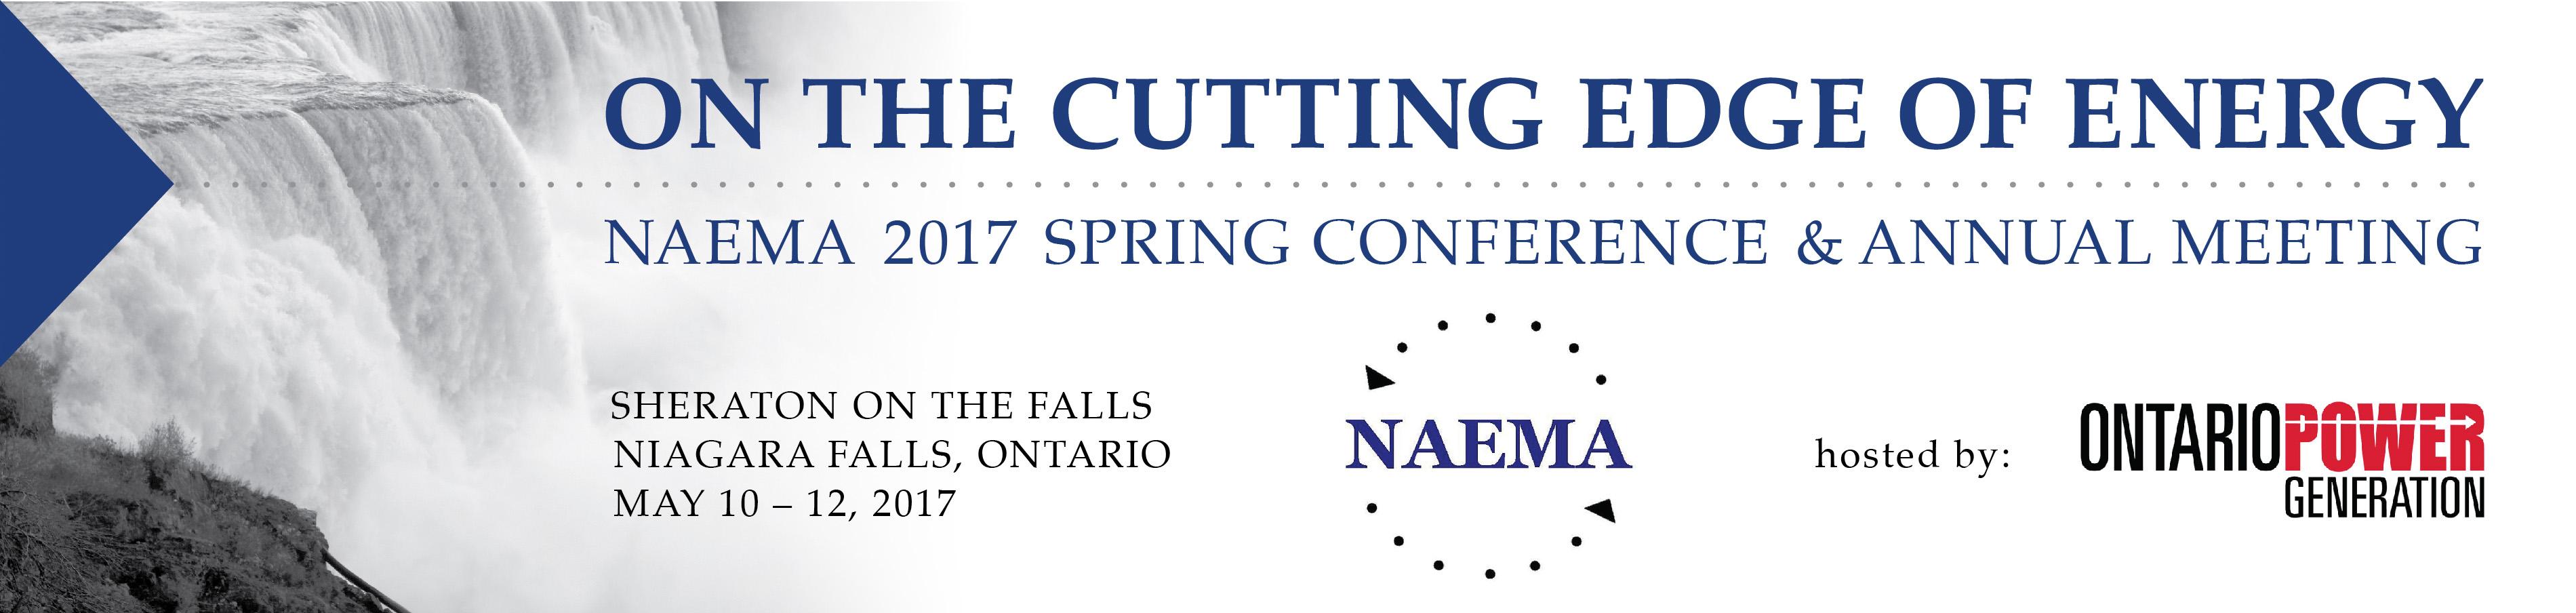 NAEMA 2017 Spring Conf logo-final